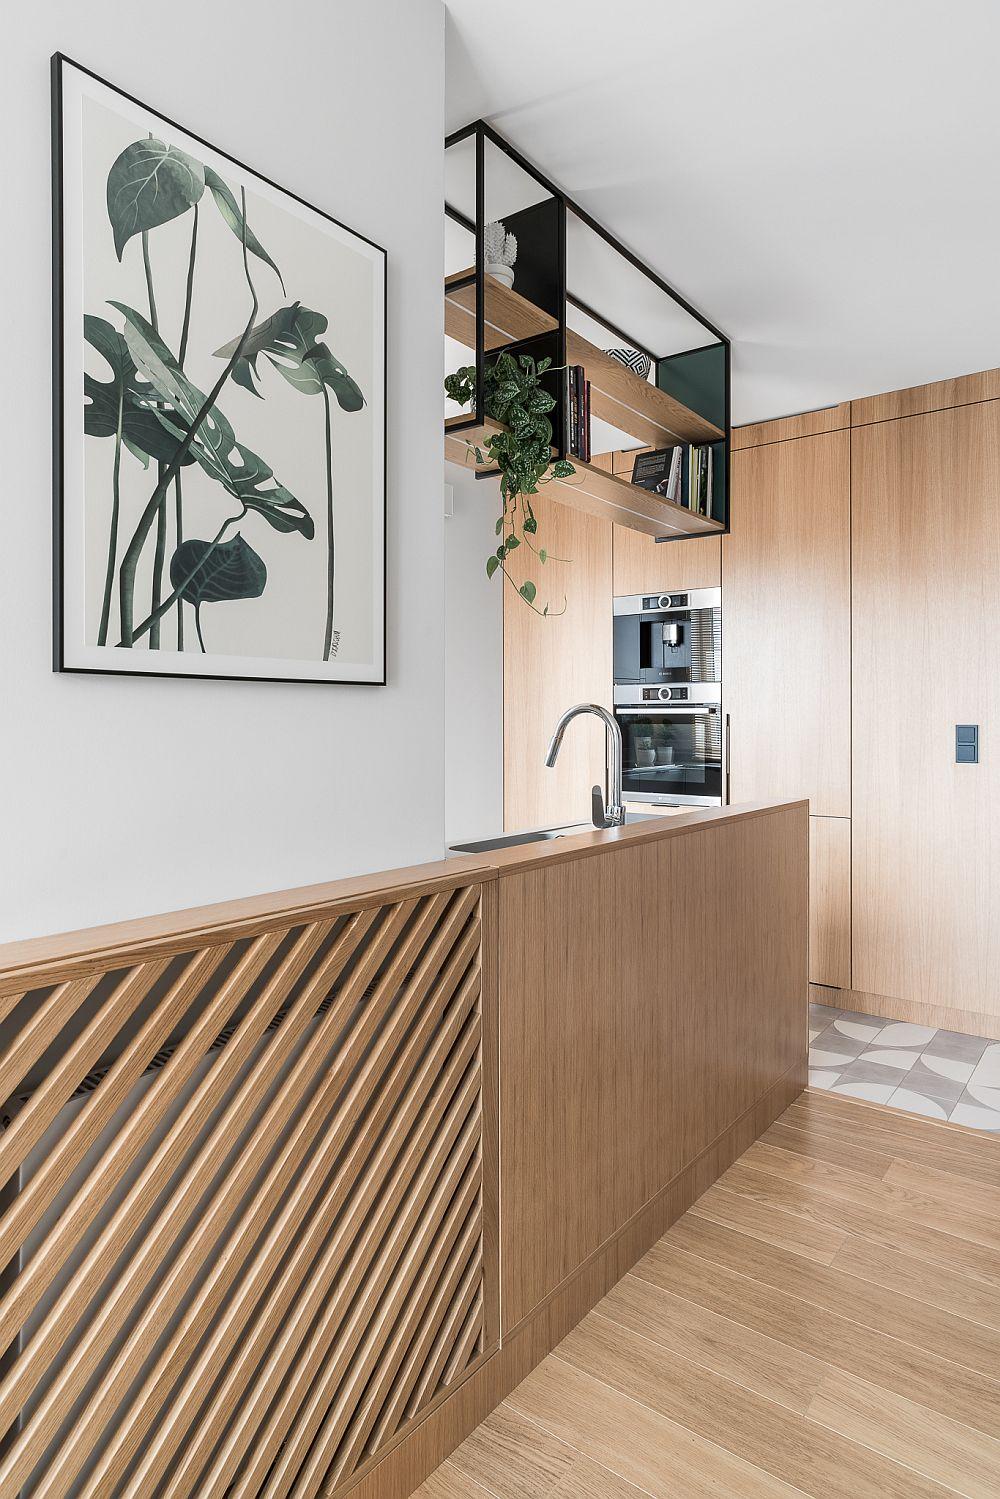 Structura din fața mobilierului de bucătărie este continuată la aceeași înălțime cu masca pentru calorifer.